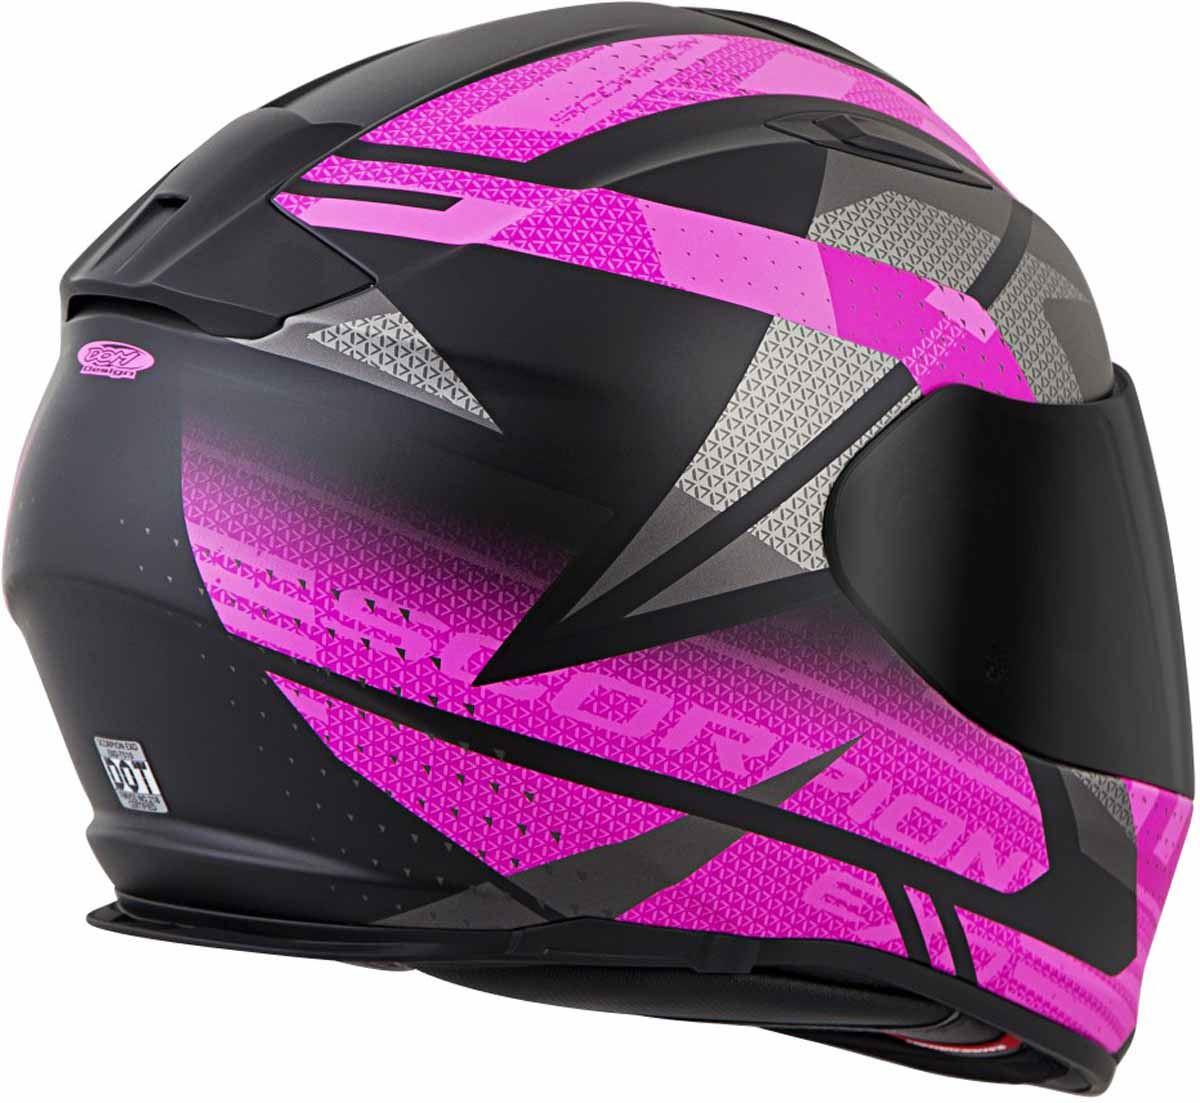 Scorpion-EXO-T510-Helmet-Full-Face-DOT-Approved-Inner-Sun-Shield miniature 85